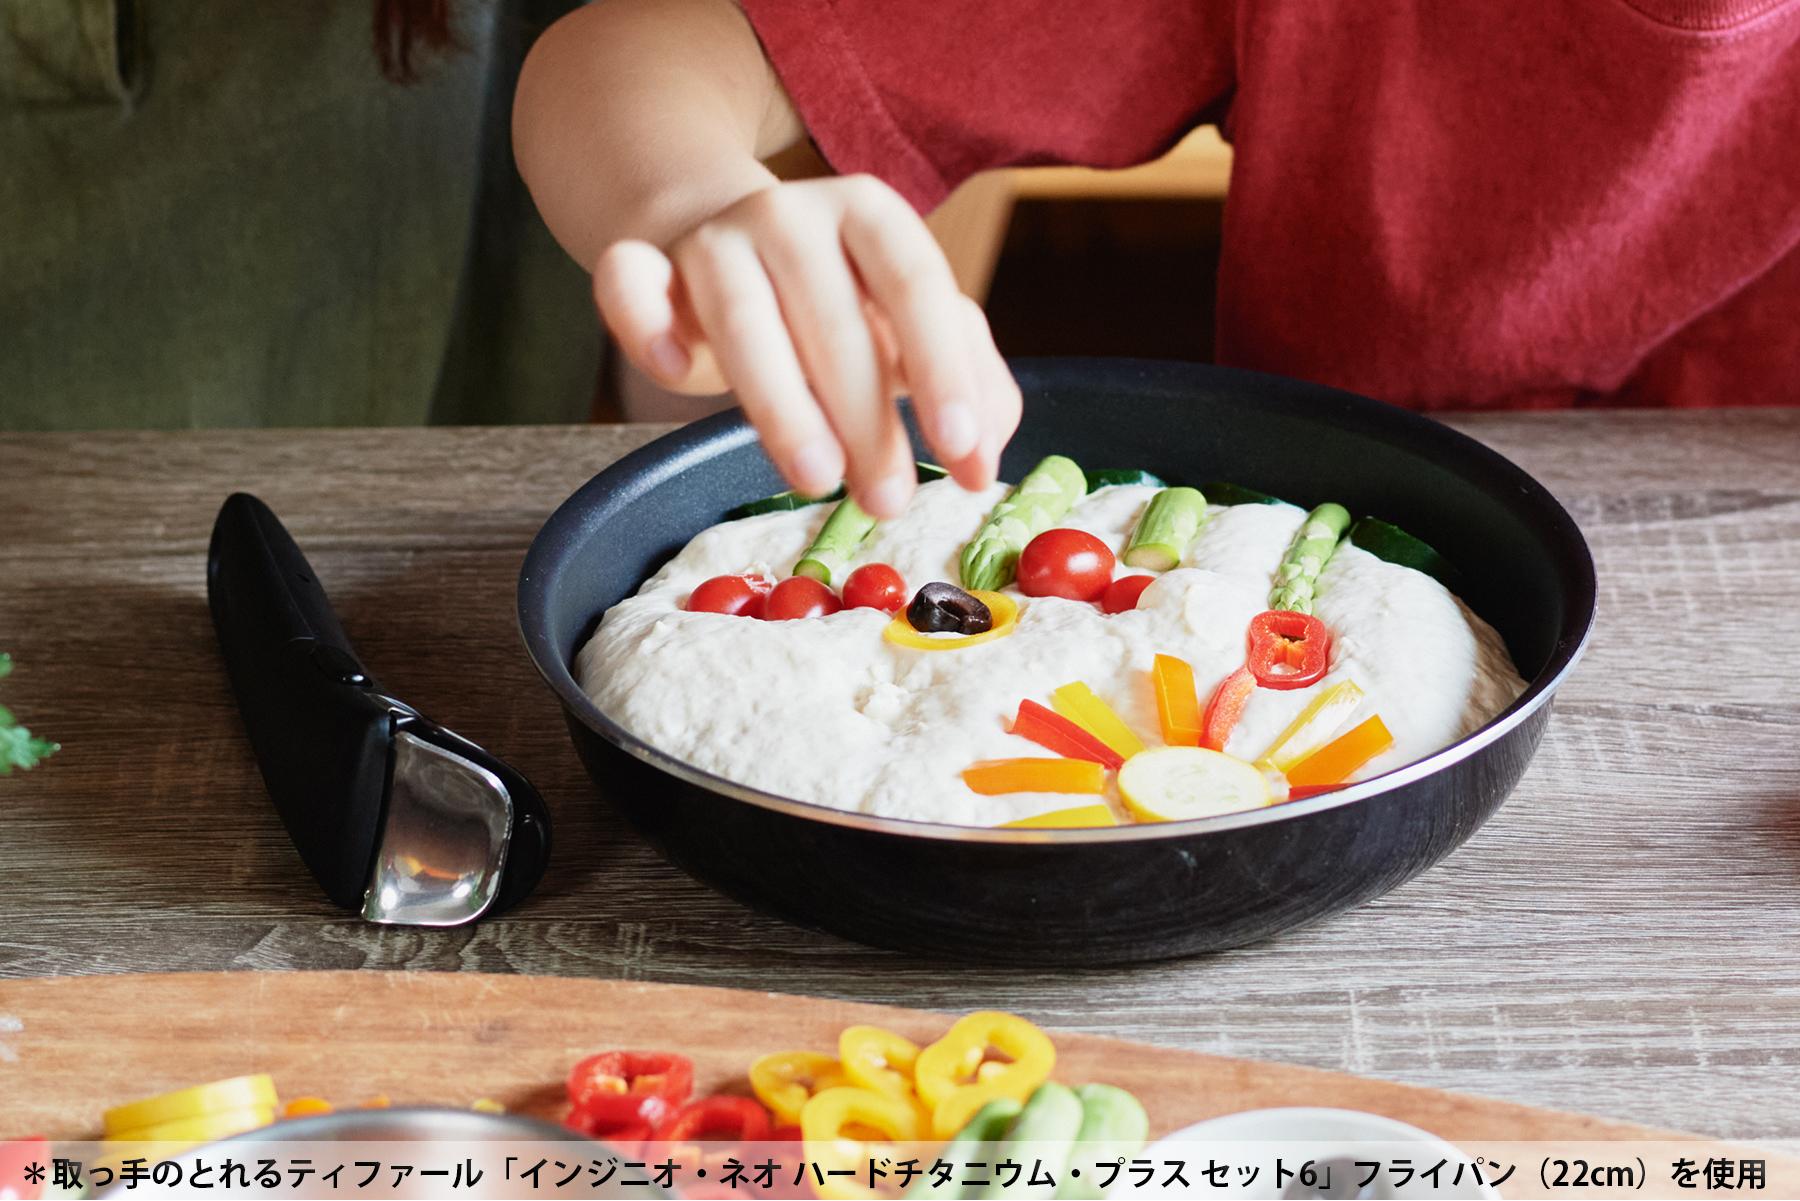 生地の上に野菜をのせて。軽く押さえるだけで生地の粘りで野菜を固定できます取っ手のとれるティファール「インジニオ・ネオ ハードチタニウム・プラス セット6」フライパン(22cm)を使用